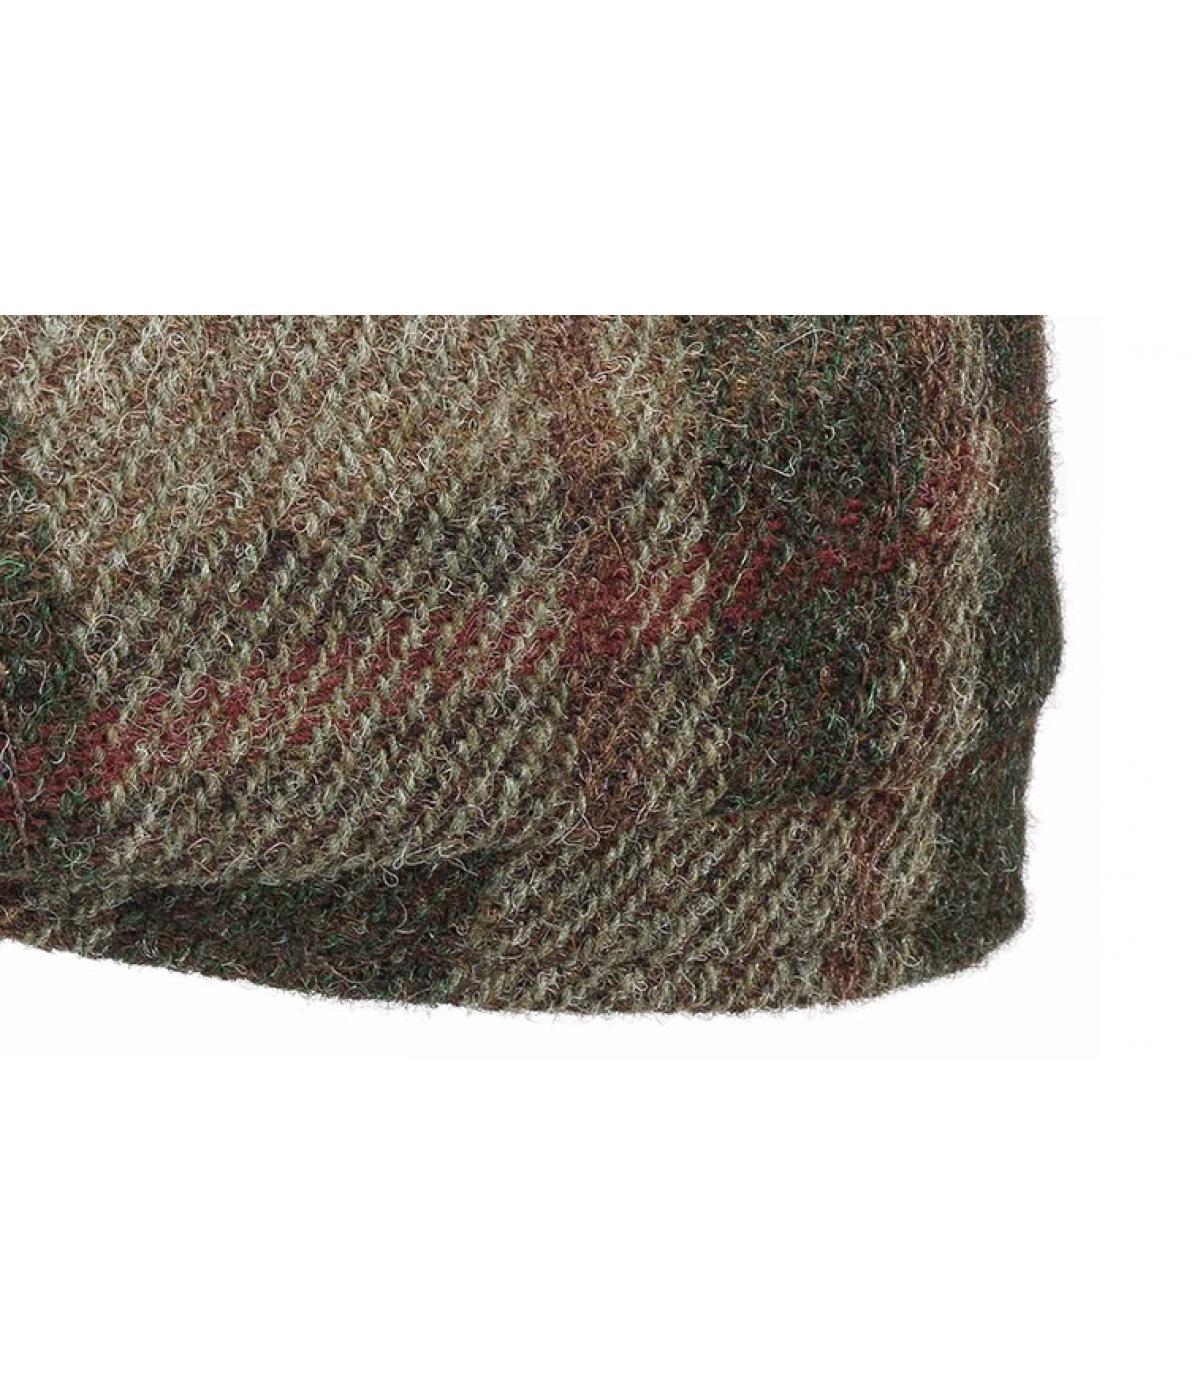 Details Hatteras Virgin Wool check beige olive - Abbildung 3